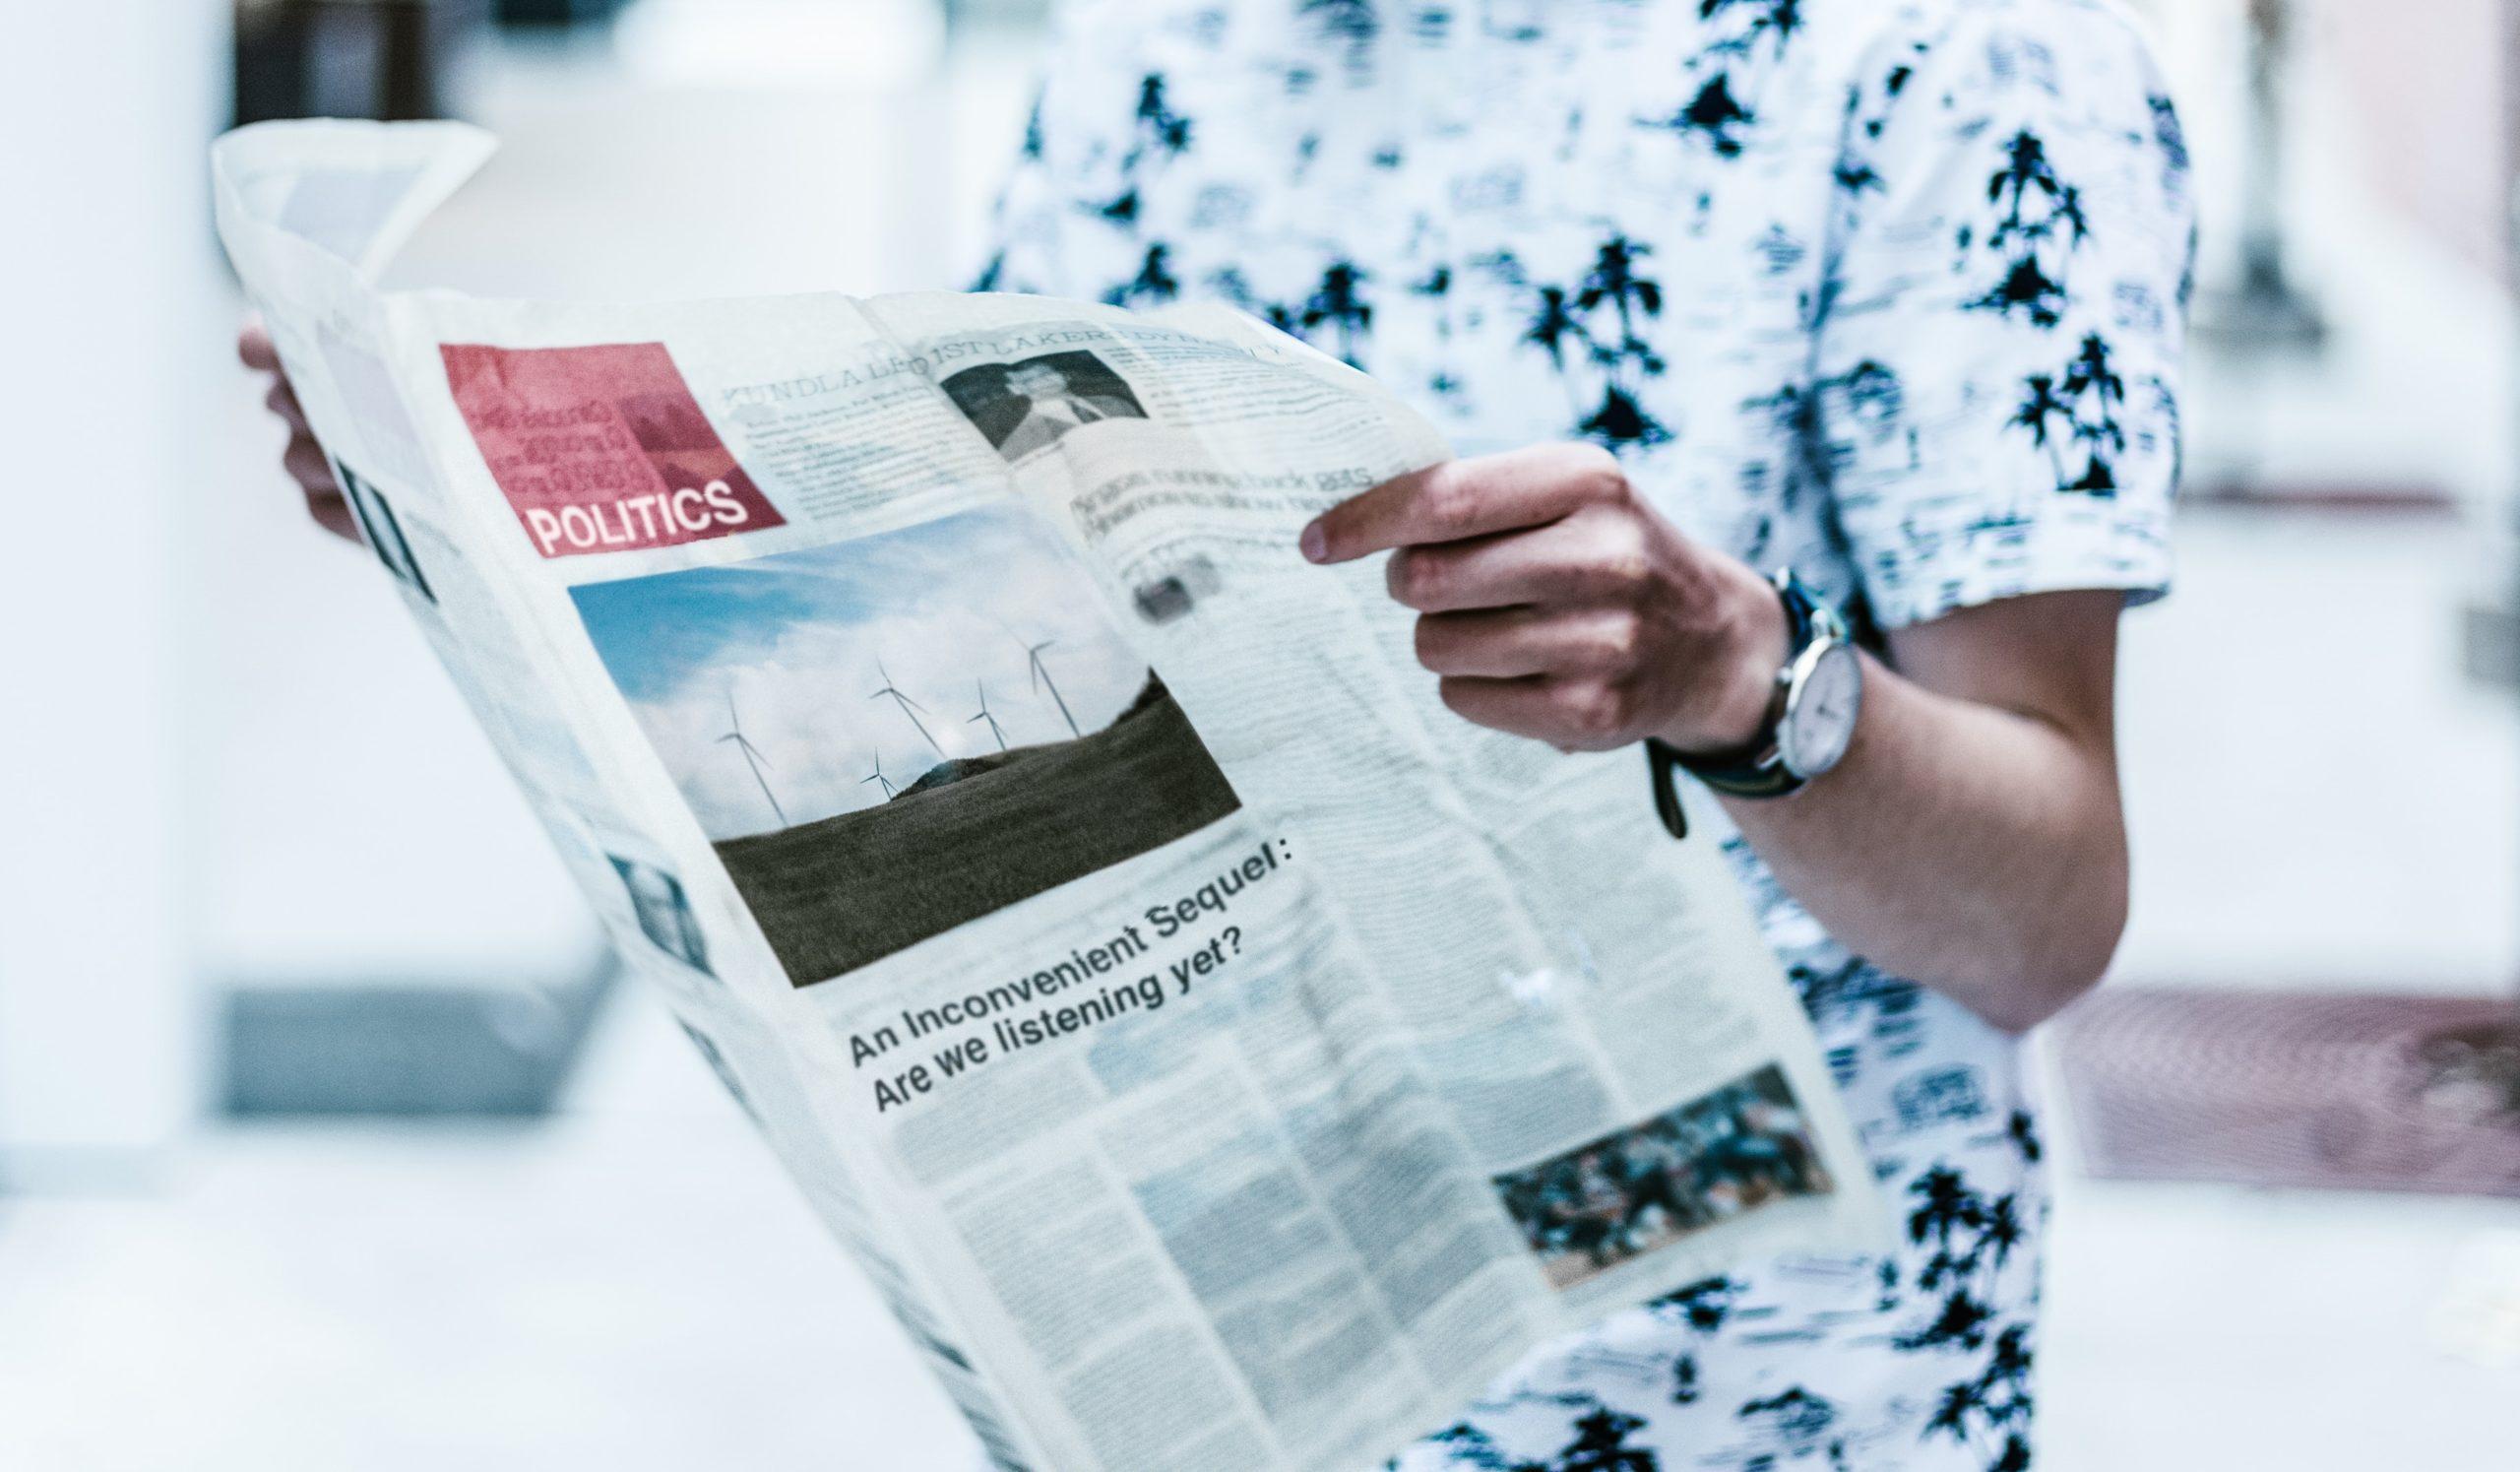 Mange nordmenn leser fortsatt aviser, og dine nyheter kan havne rett foran dem.